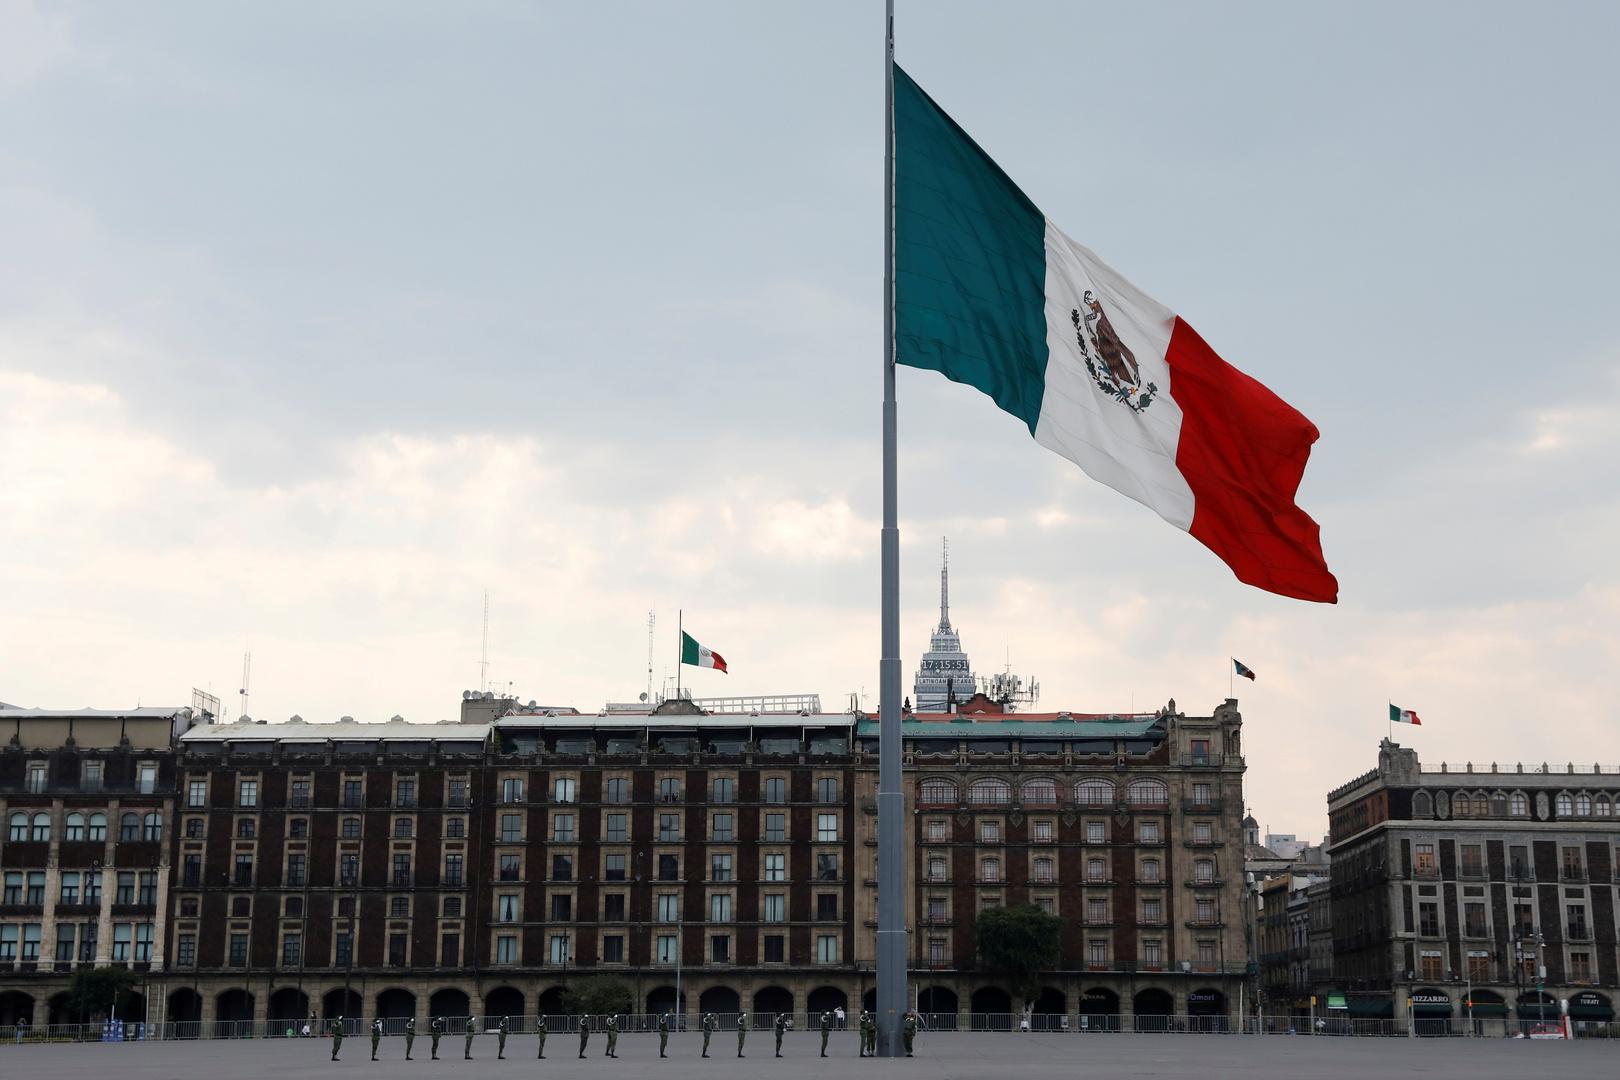 المكسيك تطلب دعما من إسرائيل في القبض على مسؤول سابق